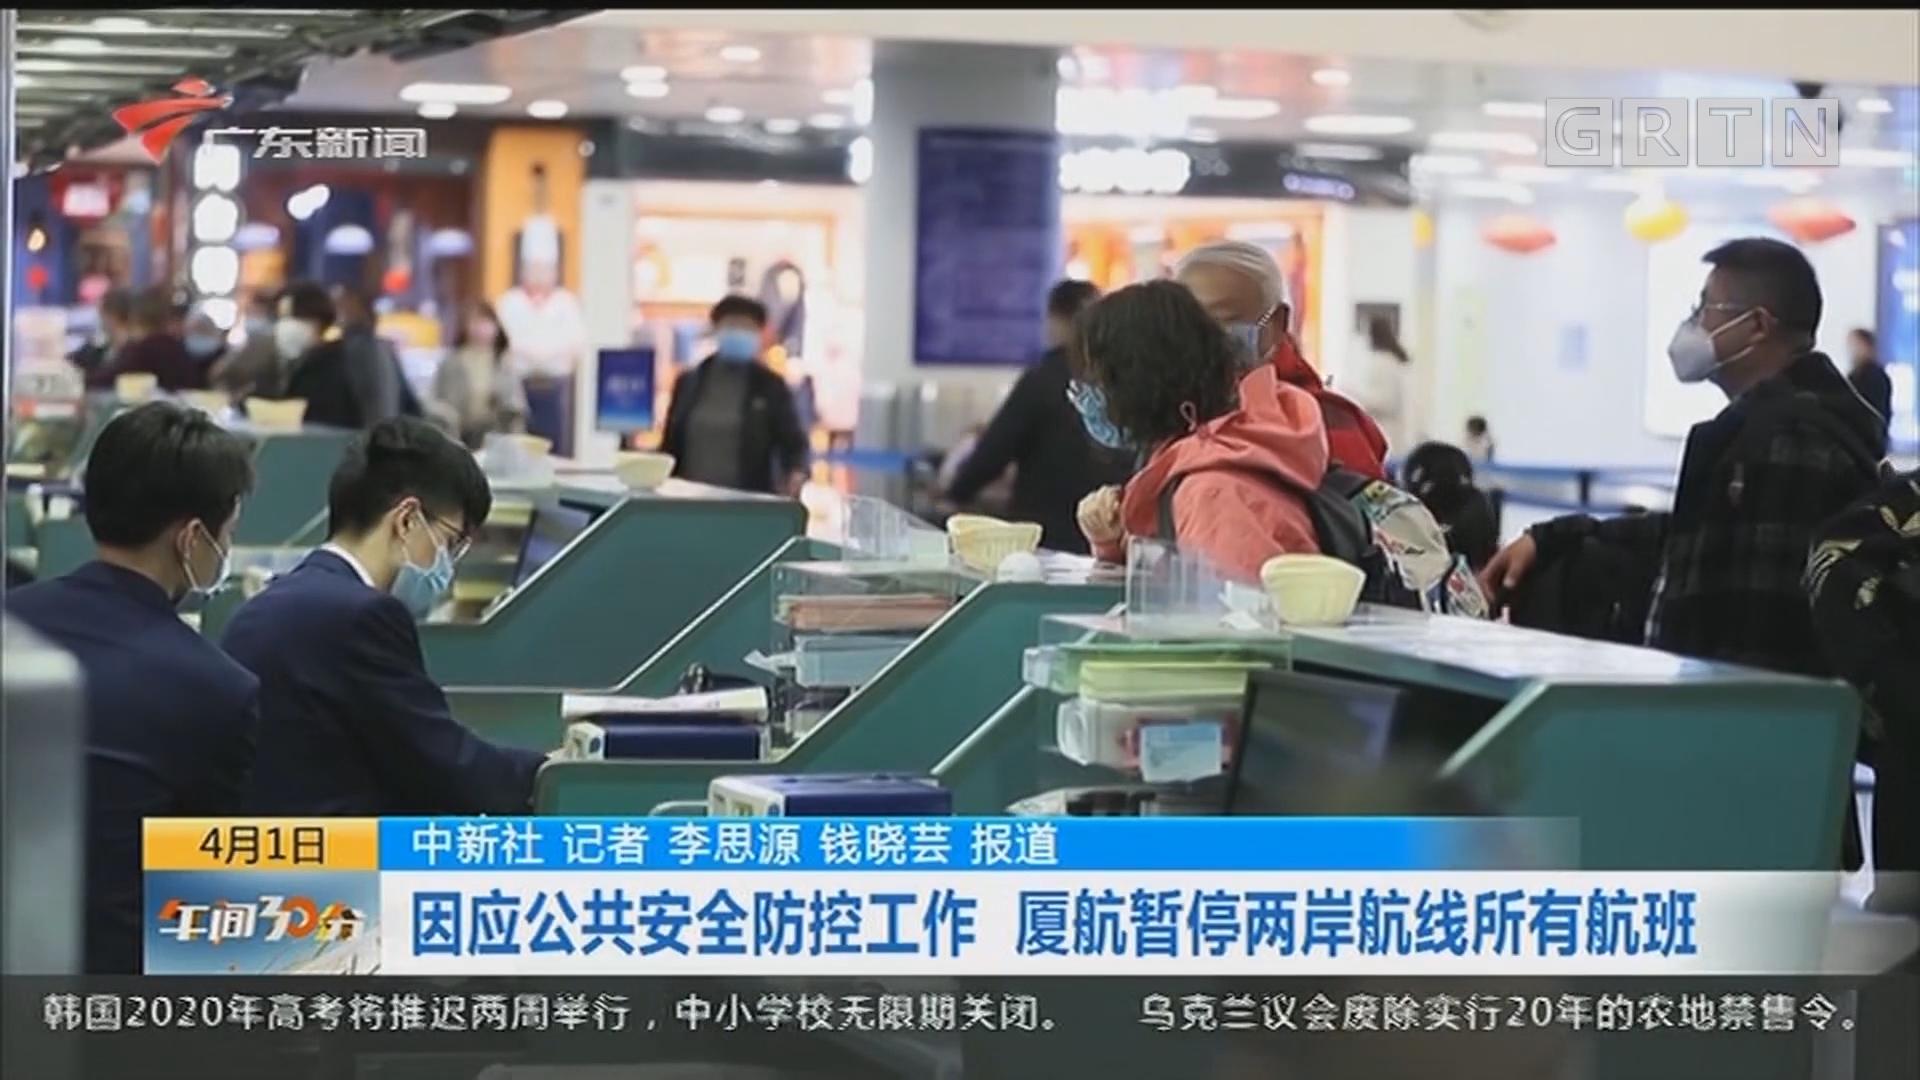 中新社:因应公共安全防控工作 厦航暂停两岸航线所有航班